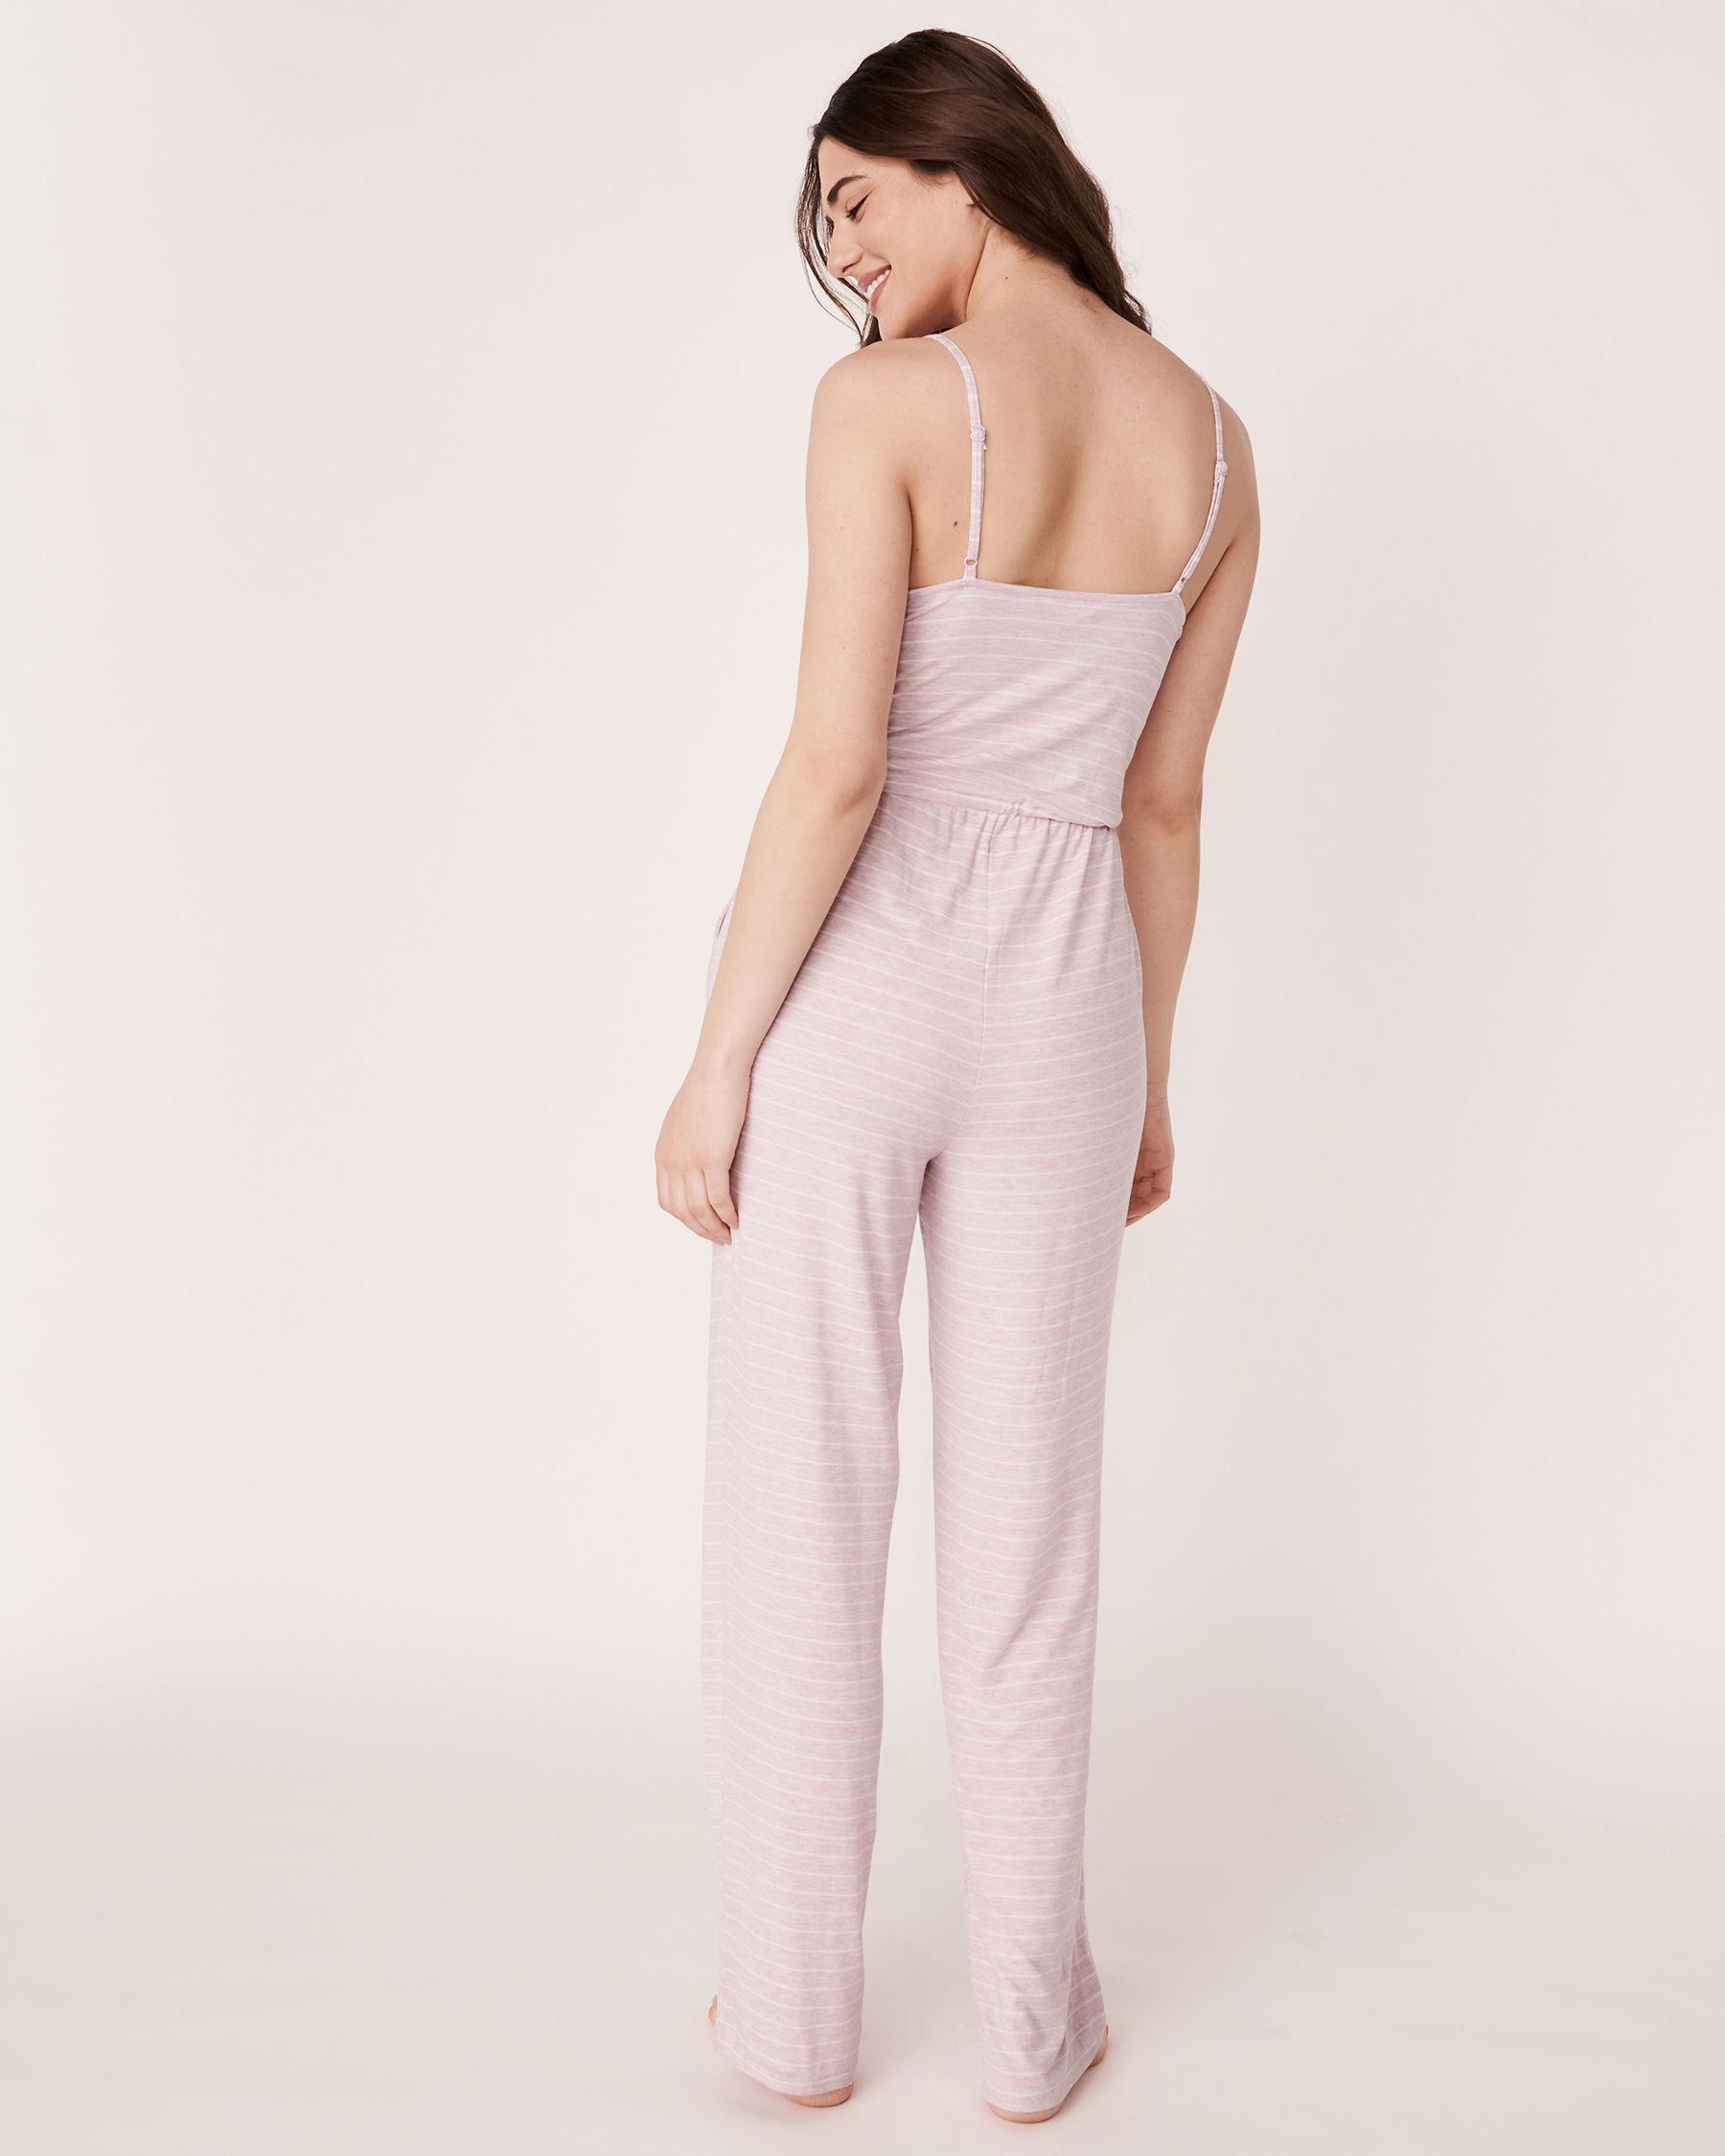 LA VIE EN ROSE Lace Trim Thin Straps Jumpsuit Stripes 50300003 - View4